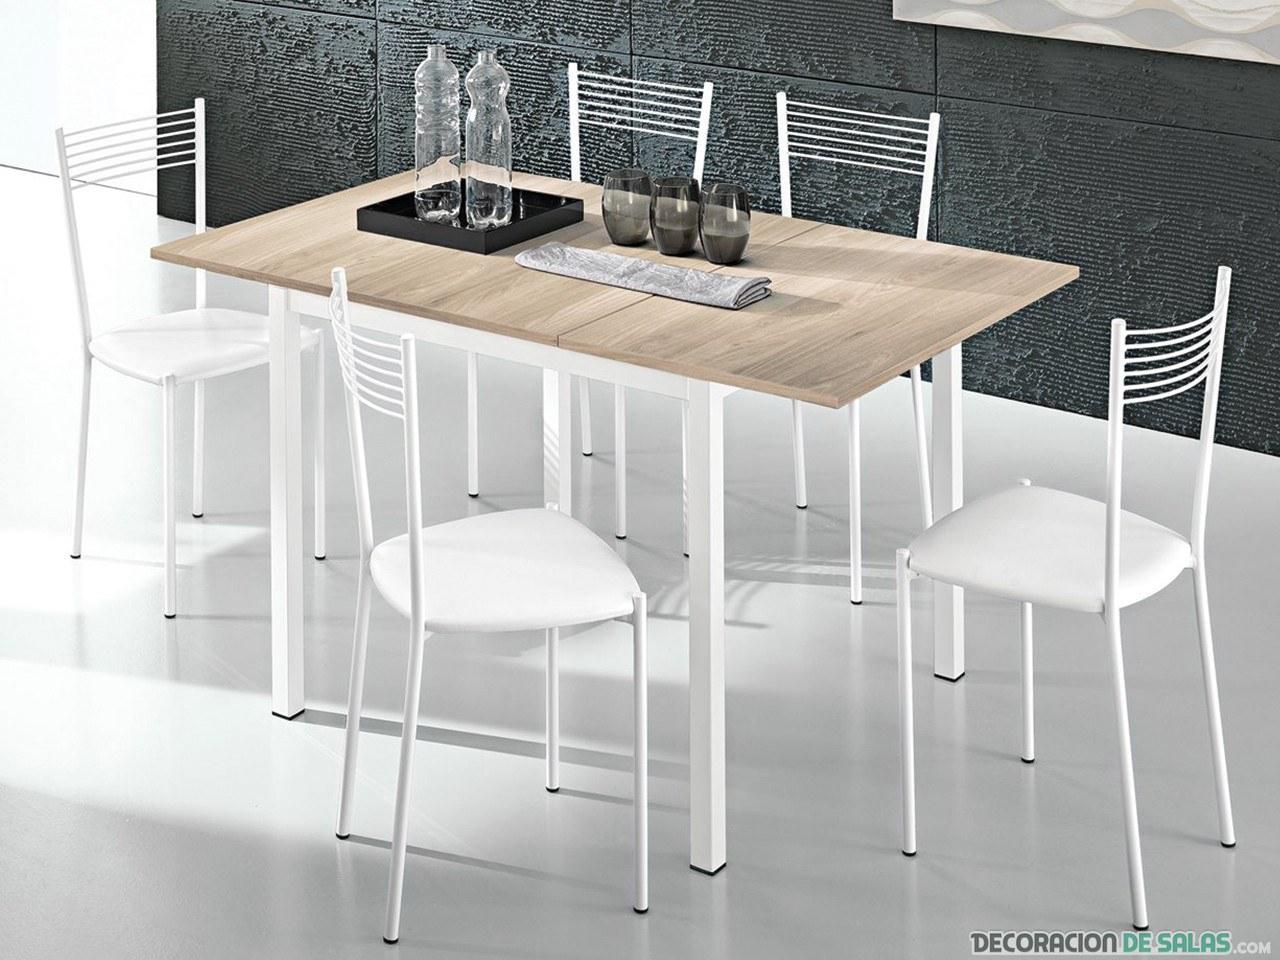 Porqu colocar una mesa en la cocina for Mesas de cocina blancas